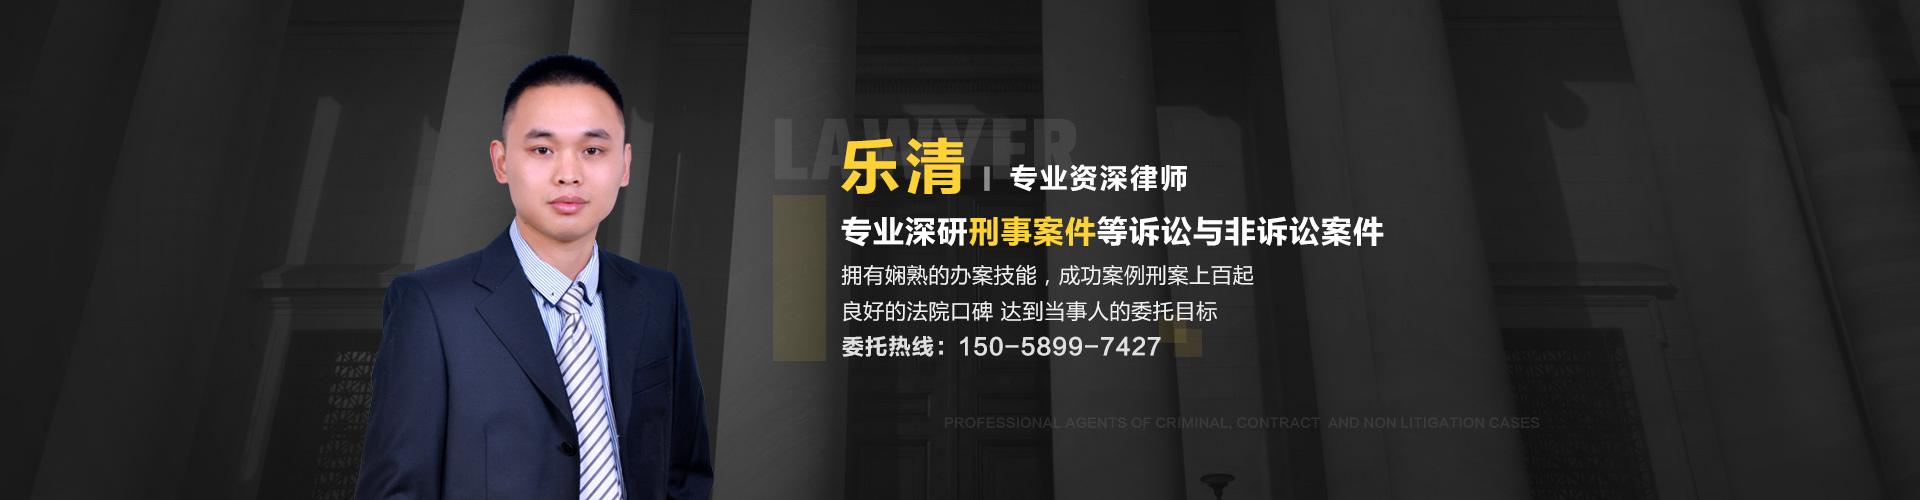 浙江徐志萍律师